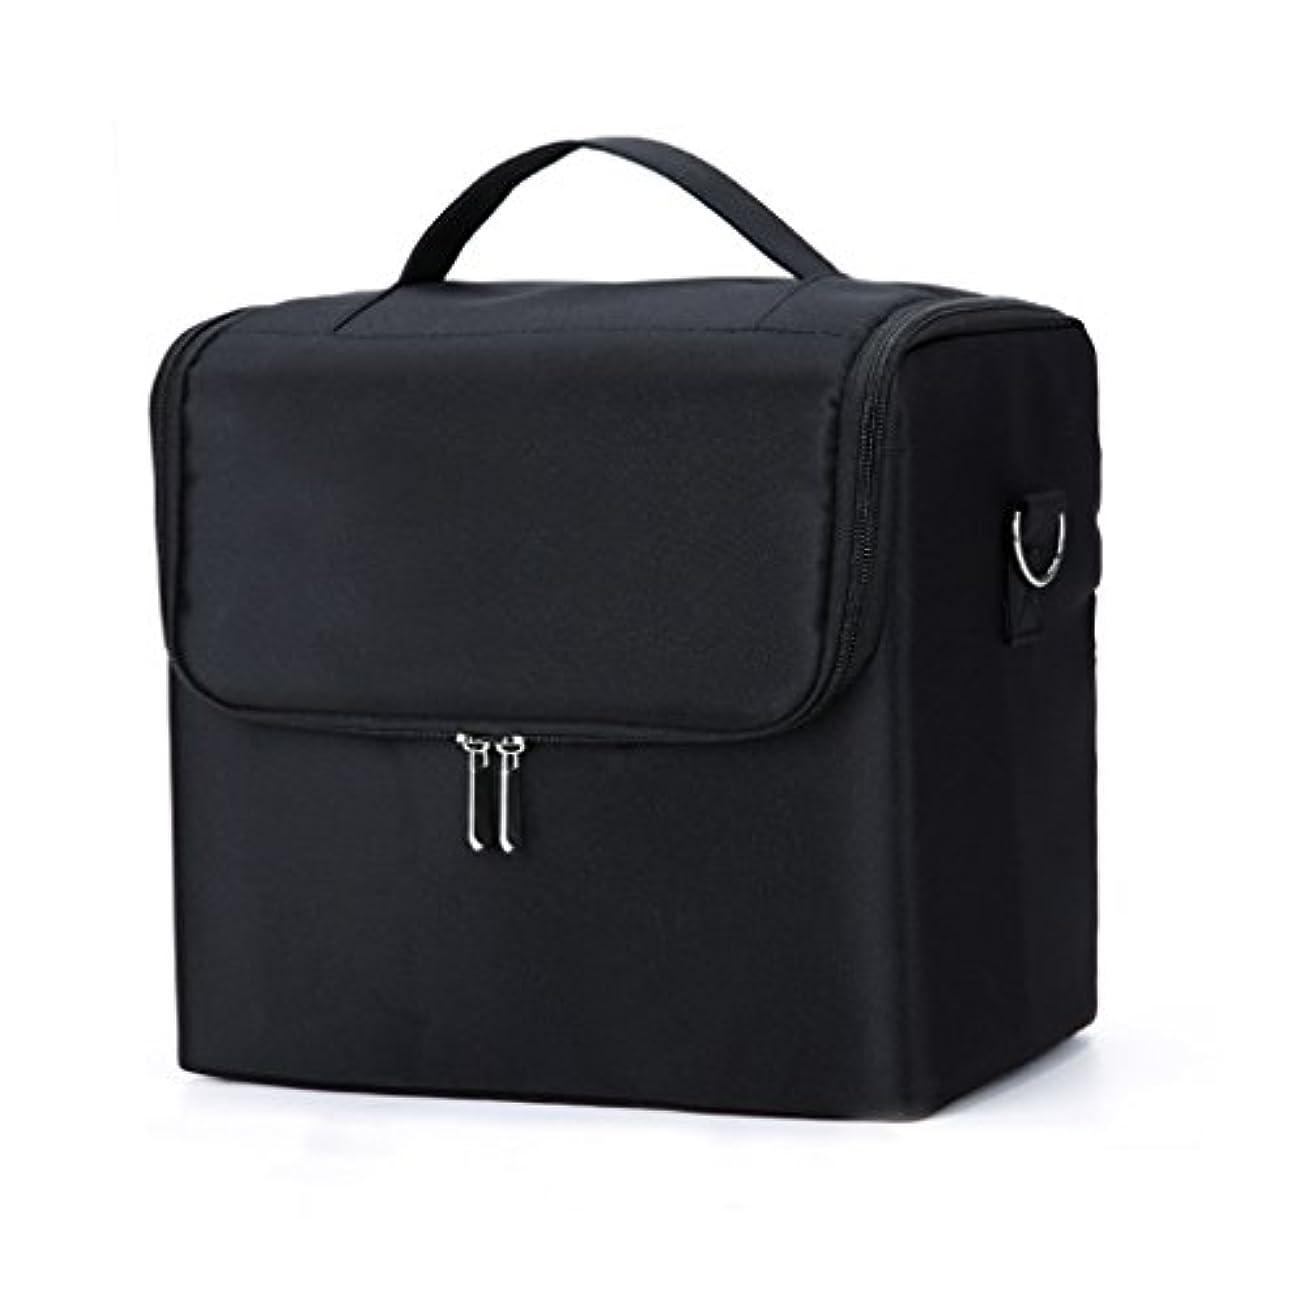 まあ軽減増強ポータブルファブリックメークアップケースプロフェッショナル化粧ケース多機能ブラシネイルメイクアップアーティストストレージバッグ